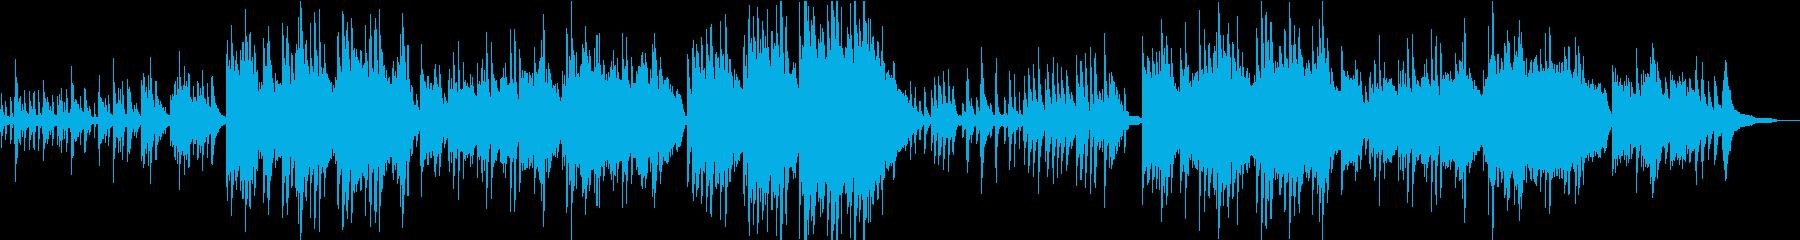 うつくしく奏でるピアノBGM/映像BGMの再生済みの波形